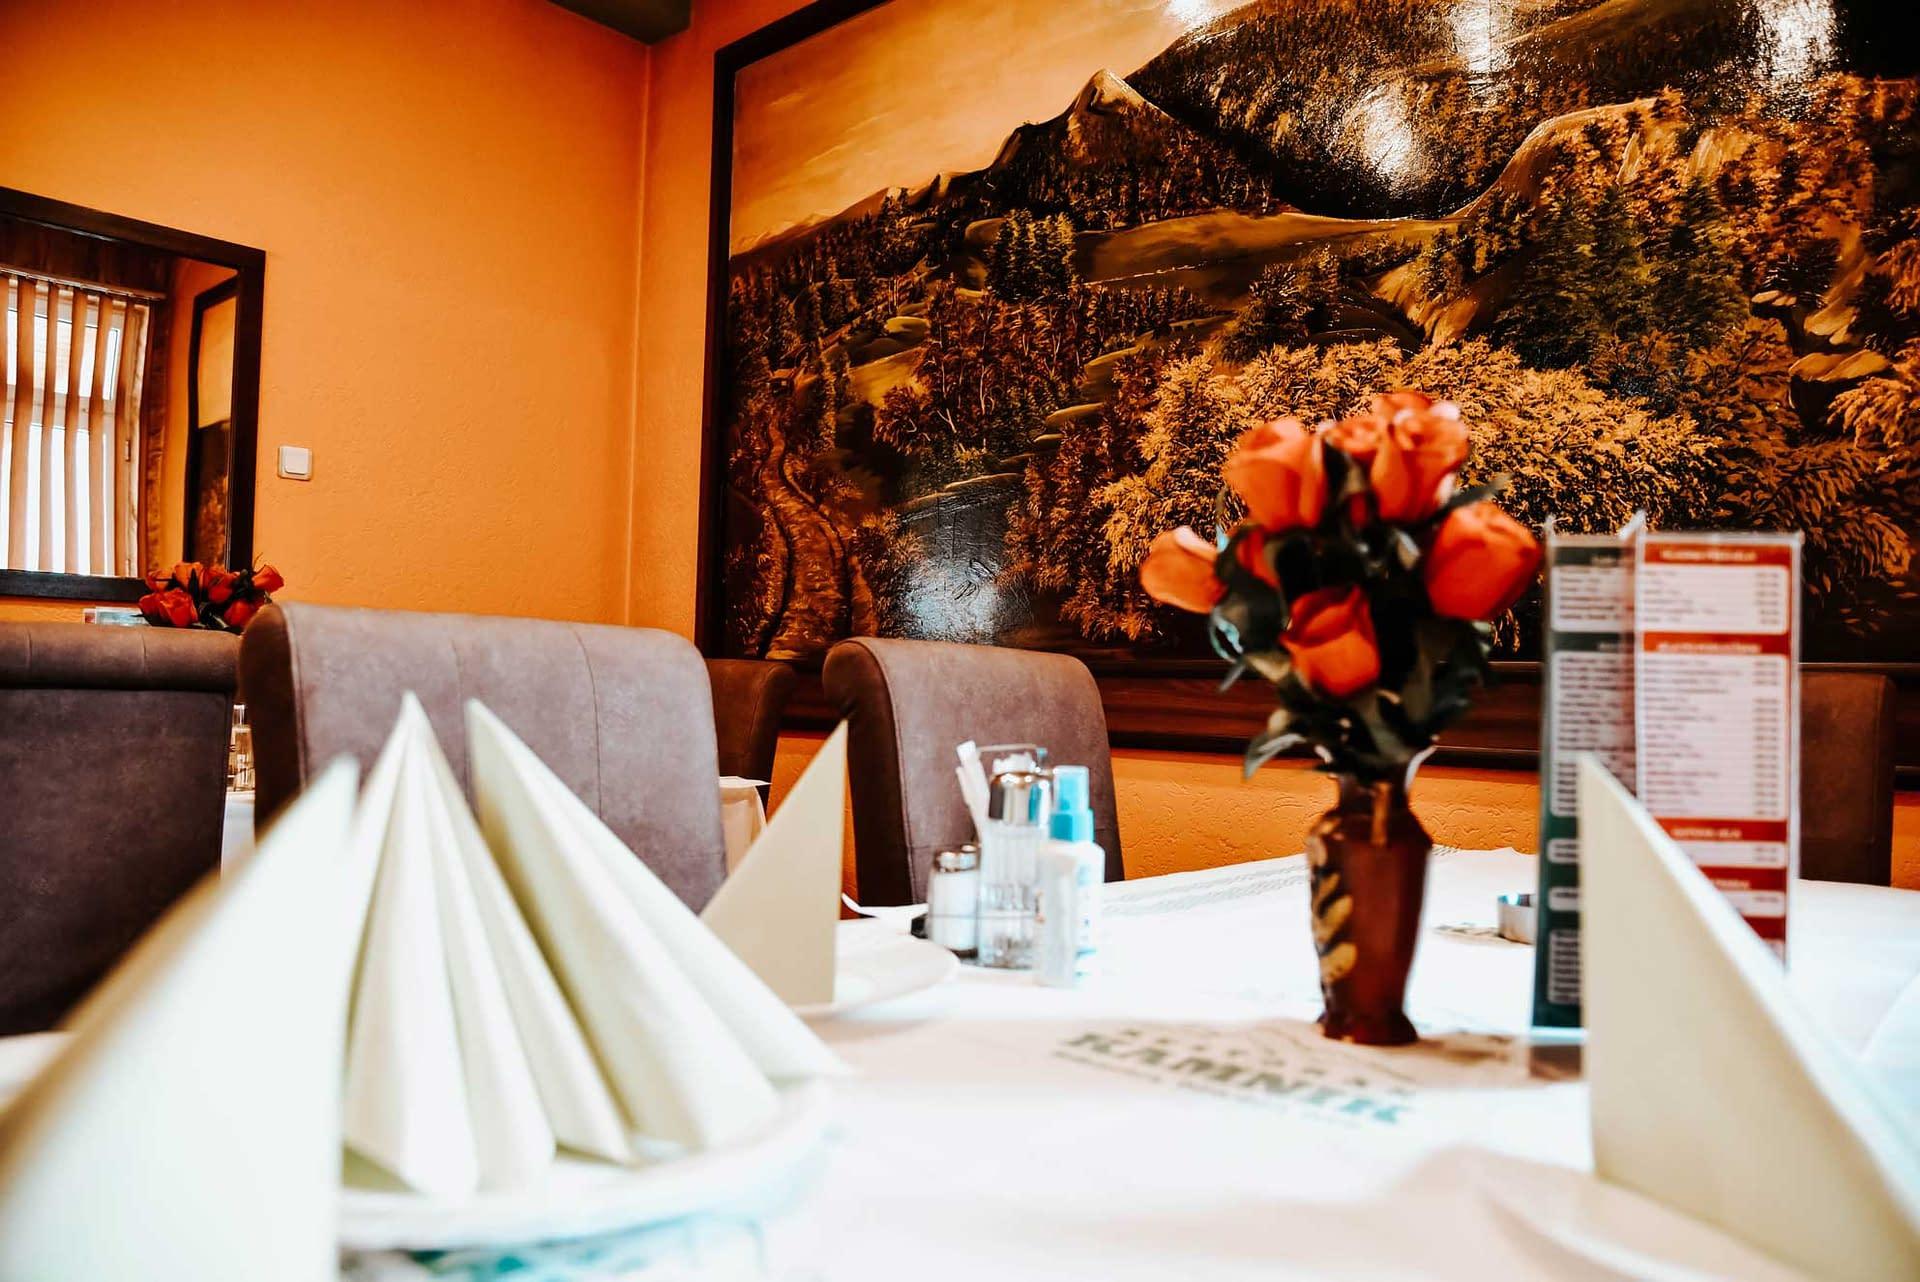 Restoran Kamnik